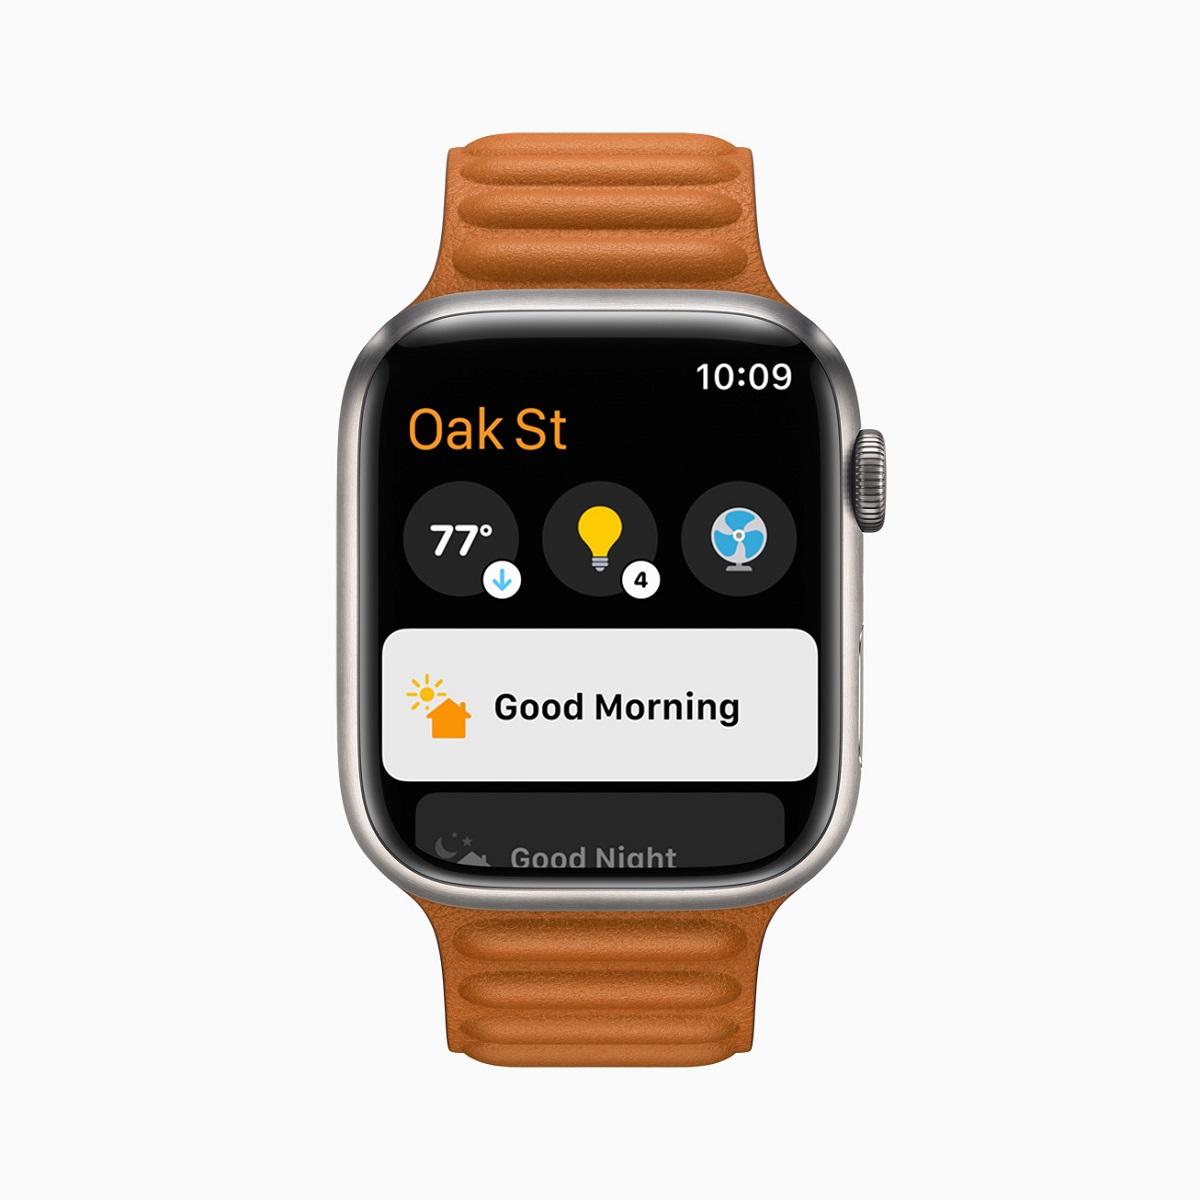 Обновленное приложение Home в watchOS 8 предлагает более удобный доступ к аксессуарам и сценам.